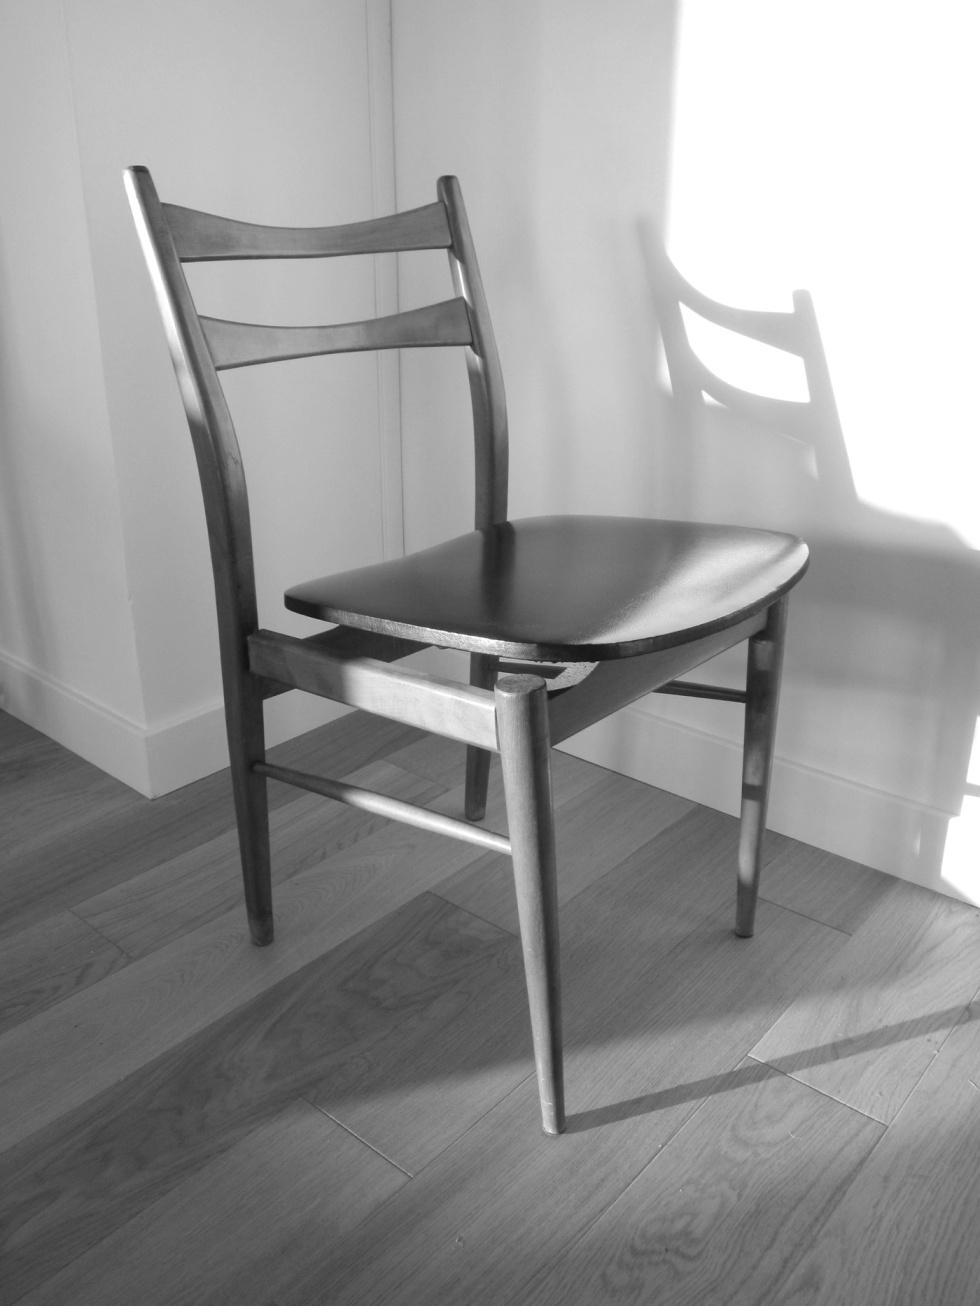 Elégante et élancée, une chaise qui donne de l'allure (scandinave) à n'importe quel intérieur